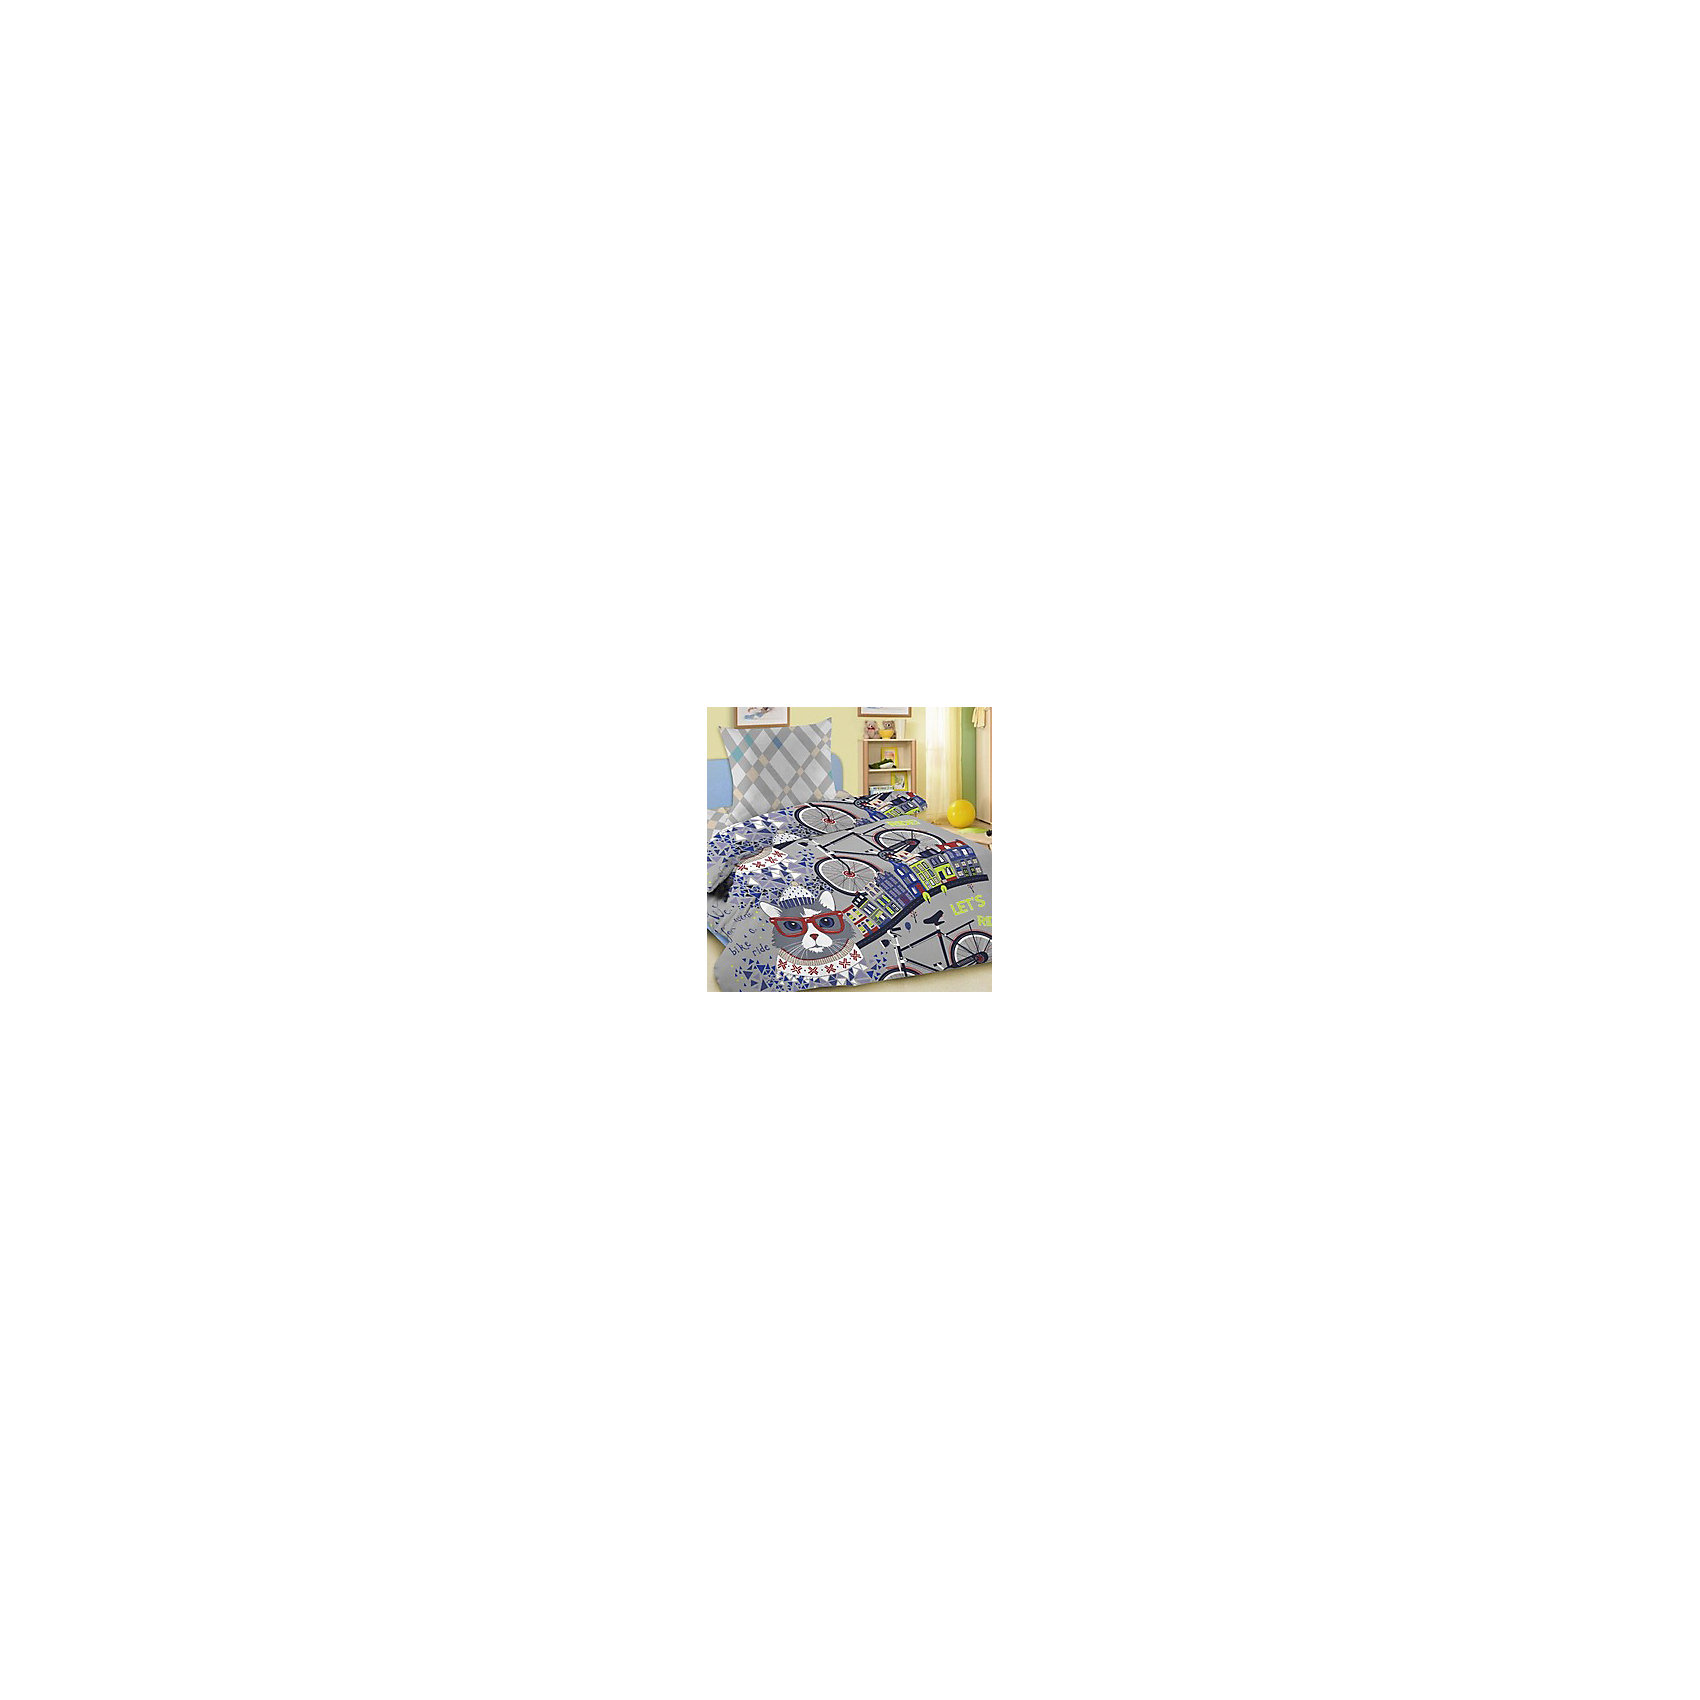 Комплект Велокот 1,5-спальный (наволочка 50*70 см), LettoЭтот комплект постельного белья обязательно понравится вашему ребенку. Красочный дизайн и яркие цветовые решения вызовут у него бурю положительных эмоций. В производстве изделия используются качественные красители, что позволяет сохранять яркость цвета на протяжении всего времени эксплуатации. Ткани не вызывают аллергических реакций, обладают высокой воздухопроницаемостью, гипоаллергенны.<br><br>Дополнительная информация:<br><br>- Комплектация: наволочка (1 шт.), простыня (1 шт.), пододеяльник.(1 шт).<br>- Материал: 100% хлопок.<br>- Размер: наволочка -  50х70 см, простыня - 148х215 см, пододеяльник - 145х215 см.<br>- Цвет: серый, синий, черный.<br>- Декоративные элементы: принт.<br><br>Комплект Велокот 1,5-спальный (наволочка 50*70 см), Letto, можно купить в нашем магазине.<br><br>Ширина мм: 370<br>Глубина мм: 40<br>Высота мм: 280<br>Вес г: 1500<br>Возраст от месяцев: 36<br>Возраст до месяцев: 168<br>Пол: Унисекс<br>Возраст: Детский<br>SKU: 4400435